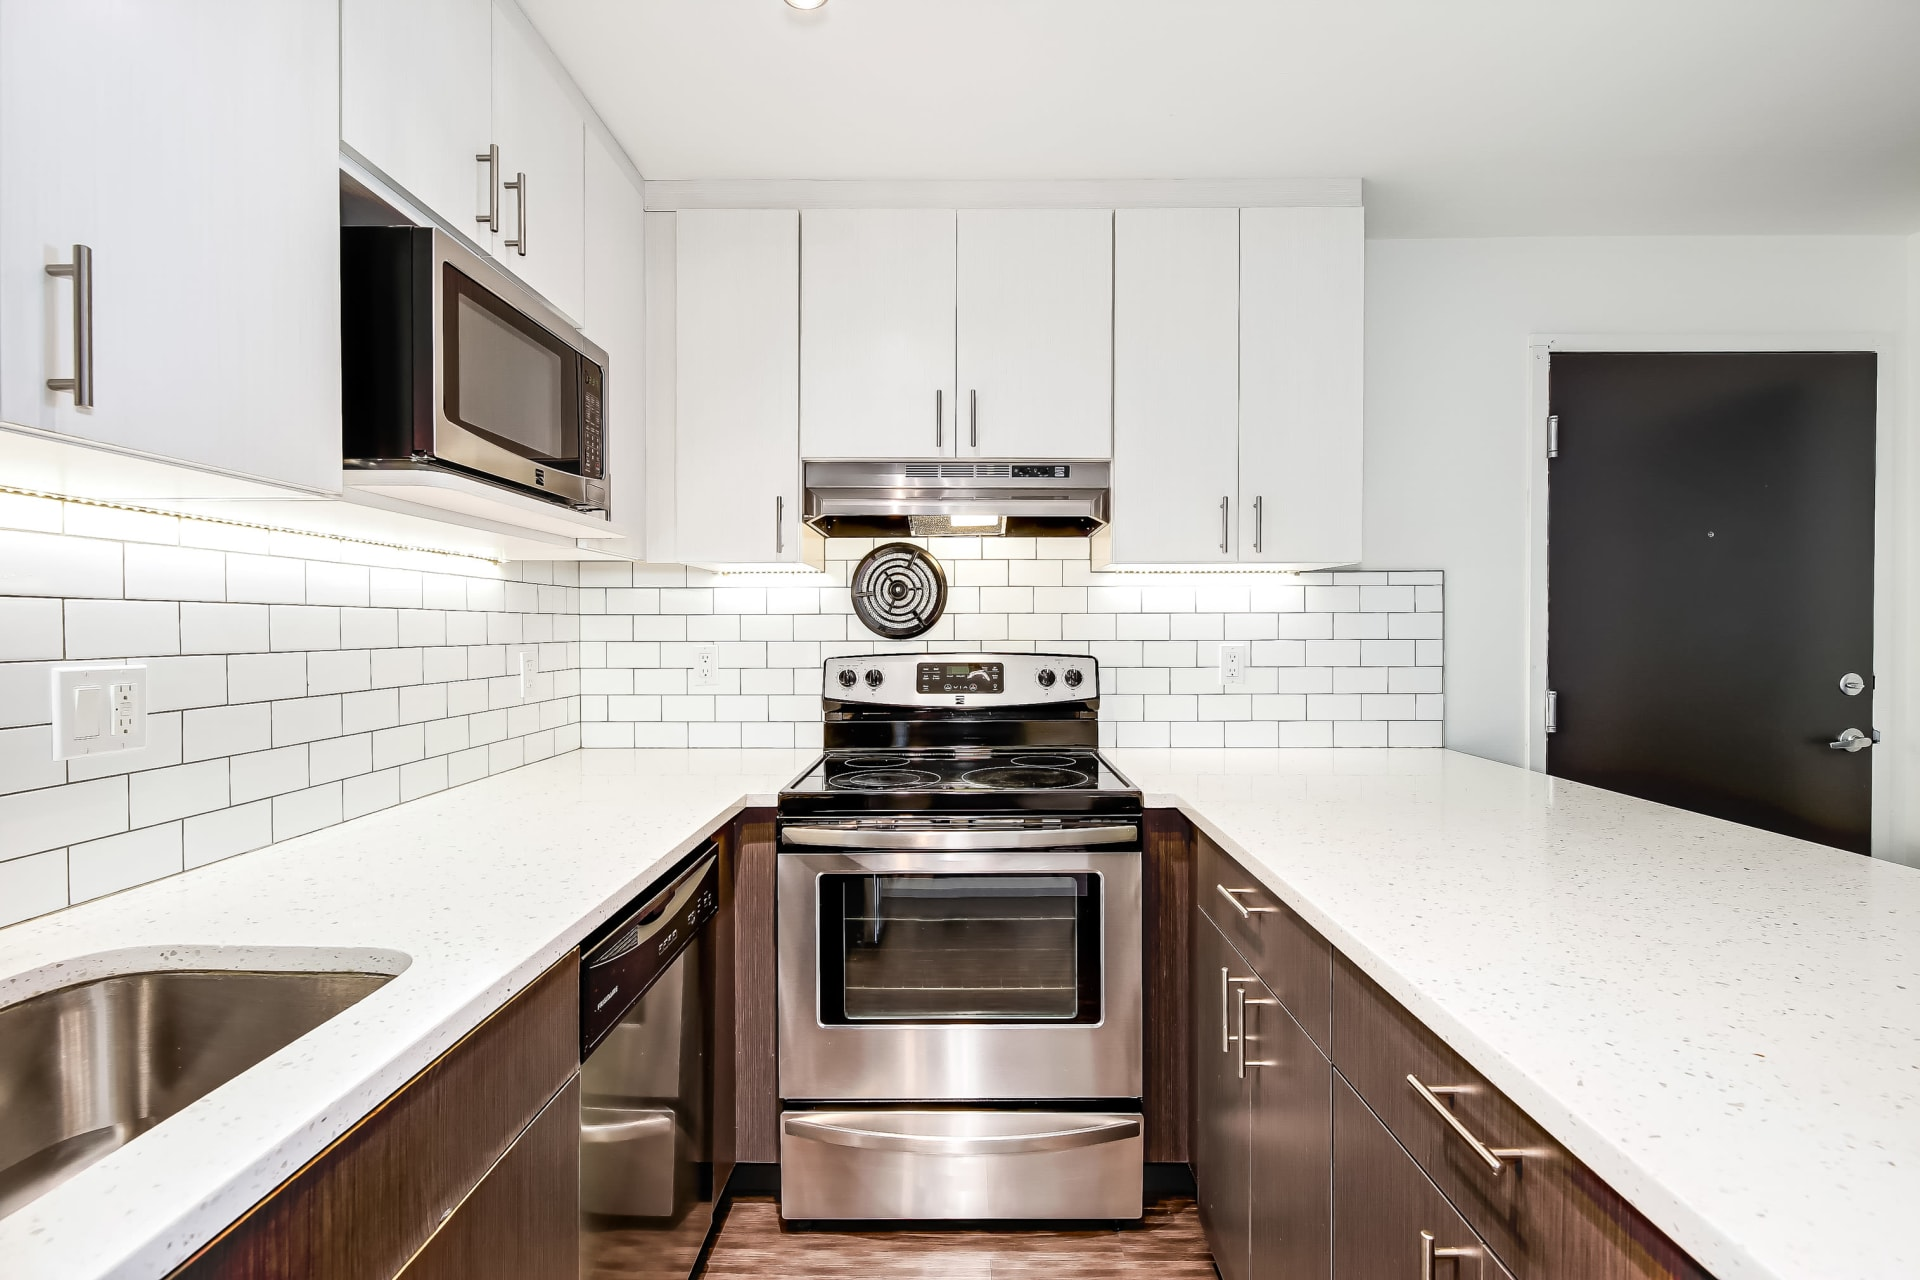 Modern Kitchen area at Union 18 in Seattle, Washington